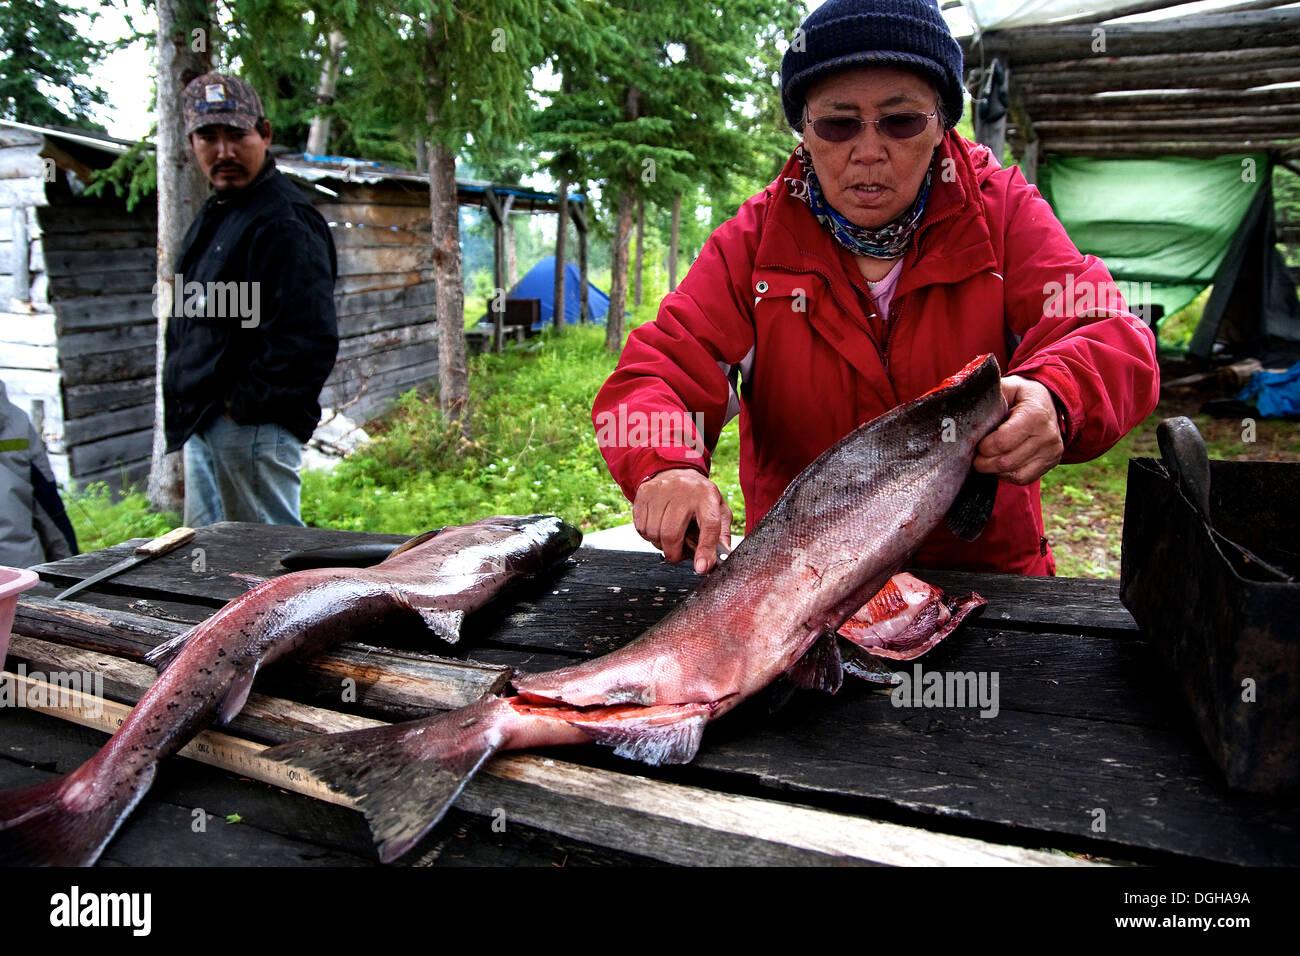 A Native Alaskan family filets freshly caught salmon in Denali National Park Alaska - Stock Image